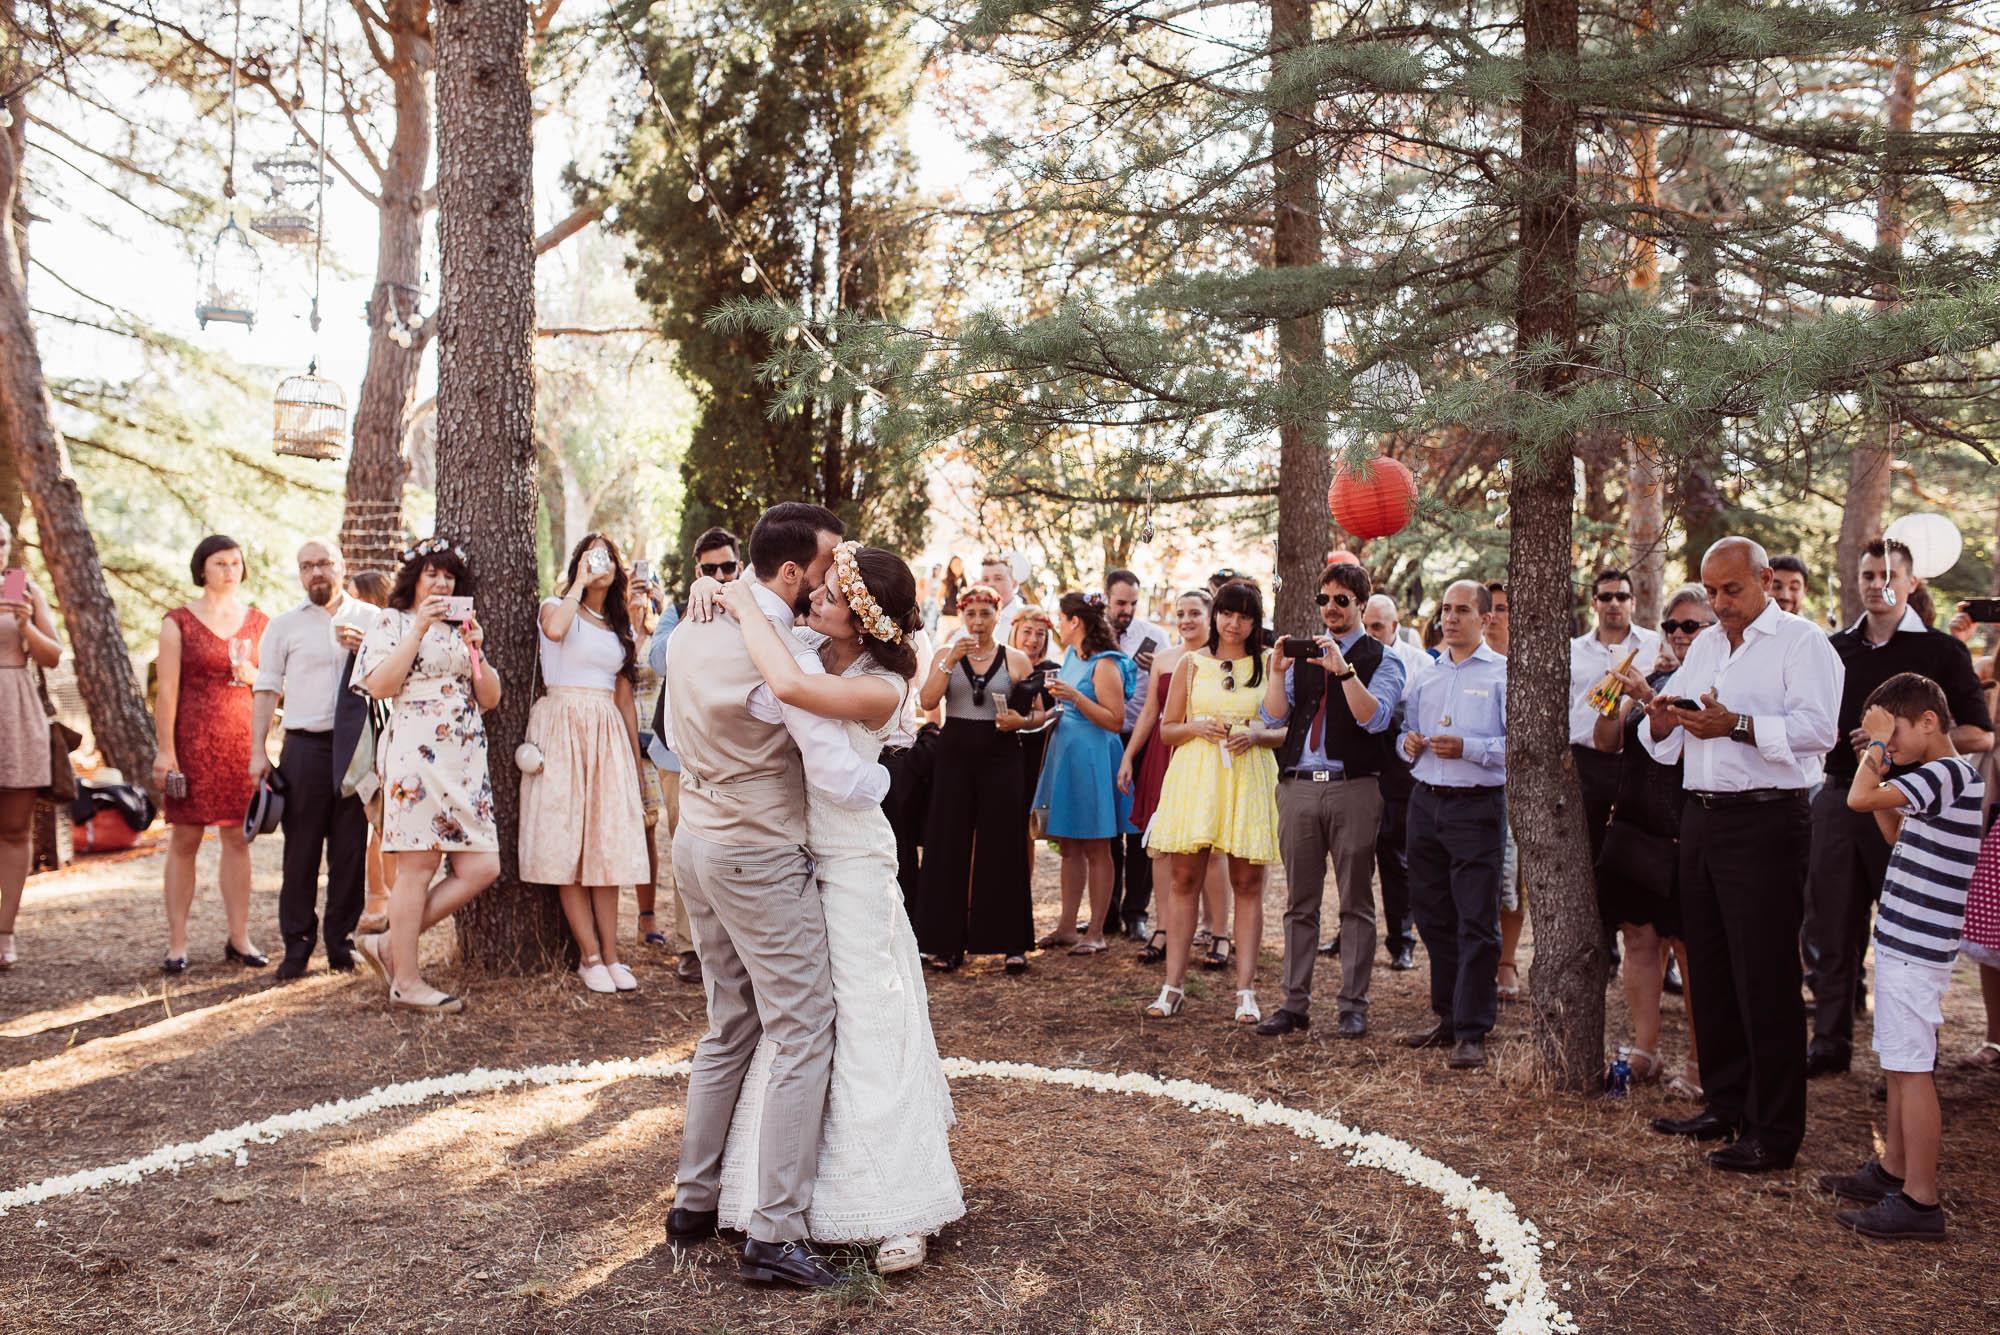 Los novios bailan abrazados rodeados por los invitados